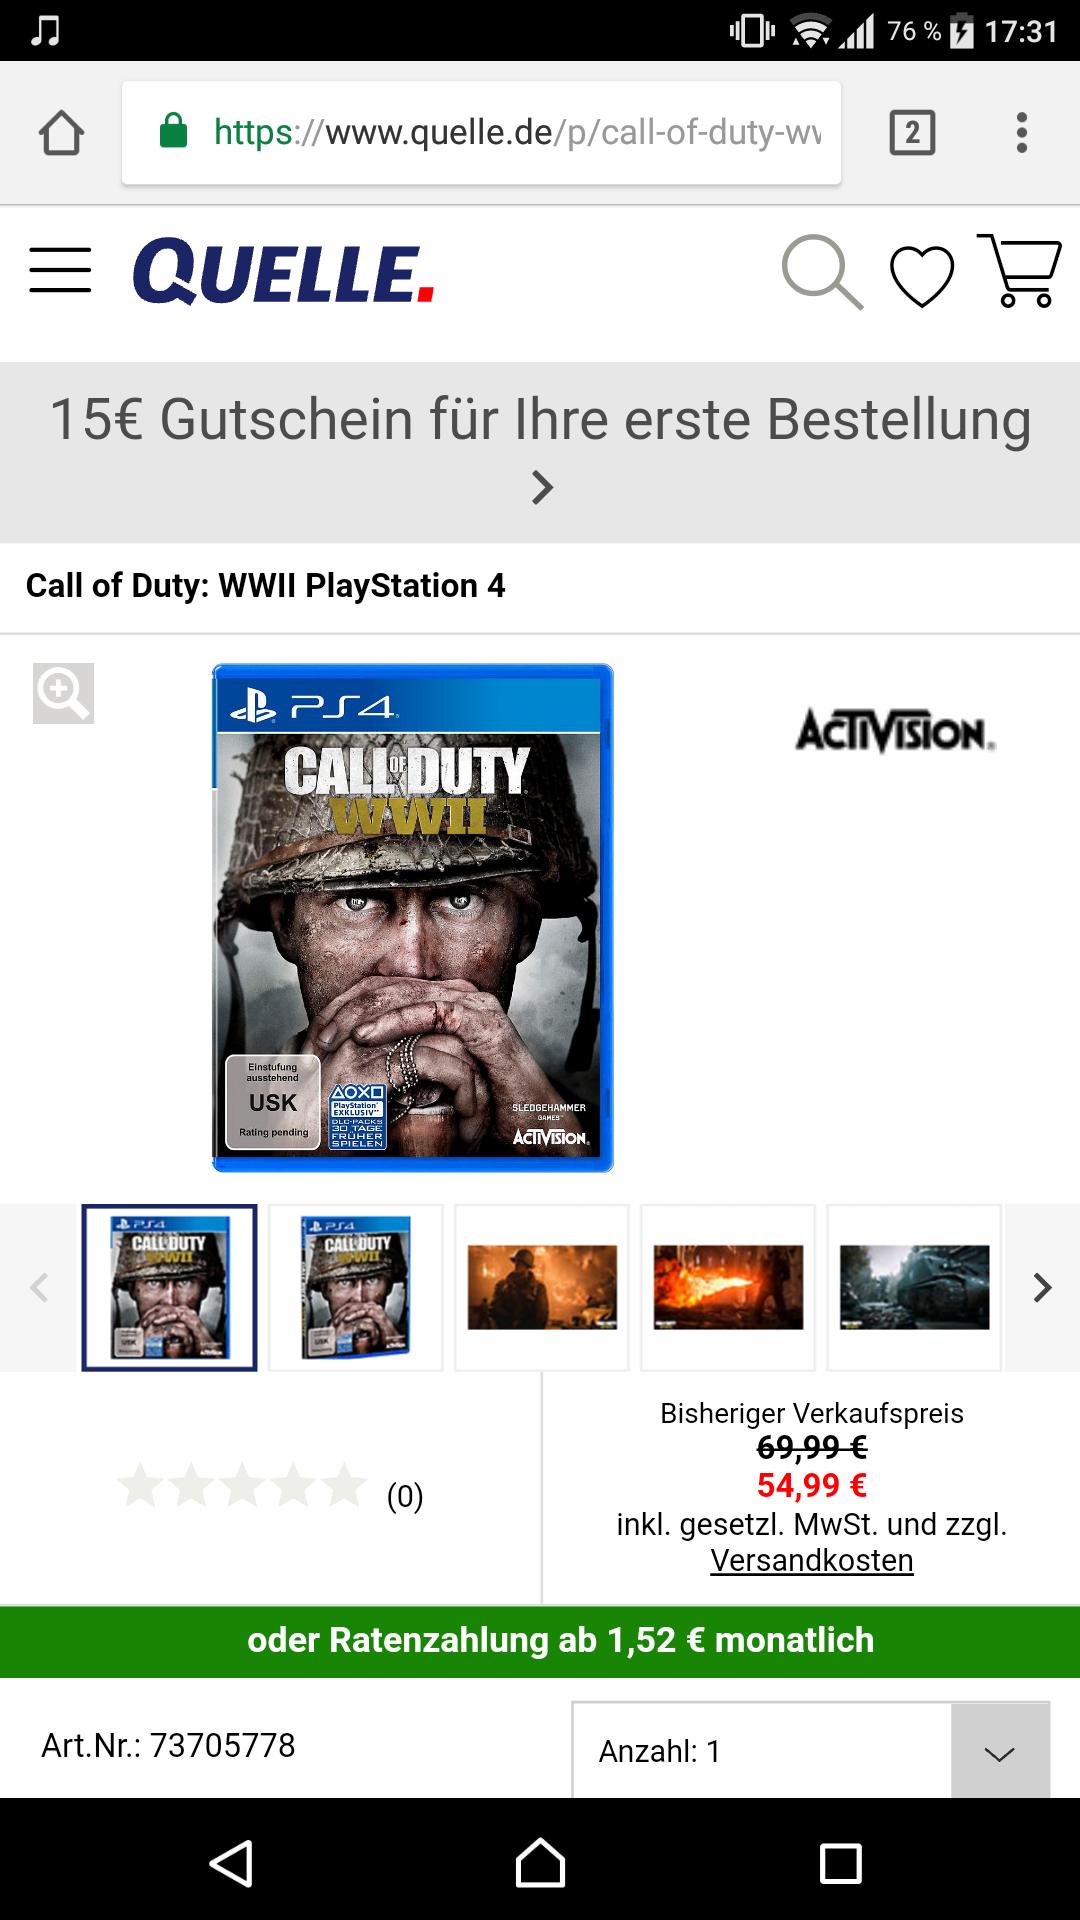 Call of Duty: WWII für 40,94 mit Neukunden Gutschein